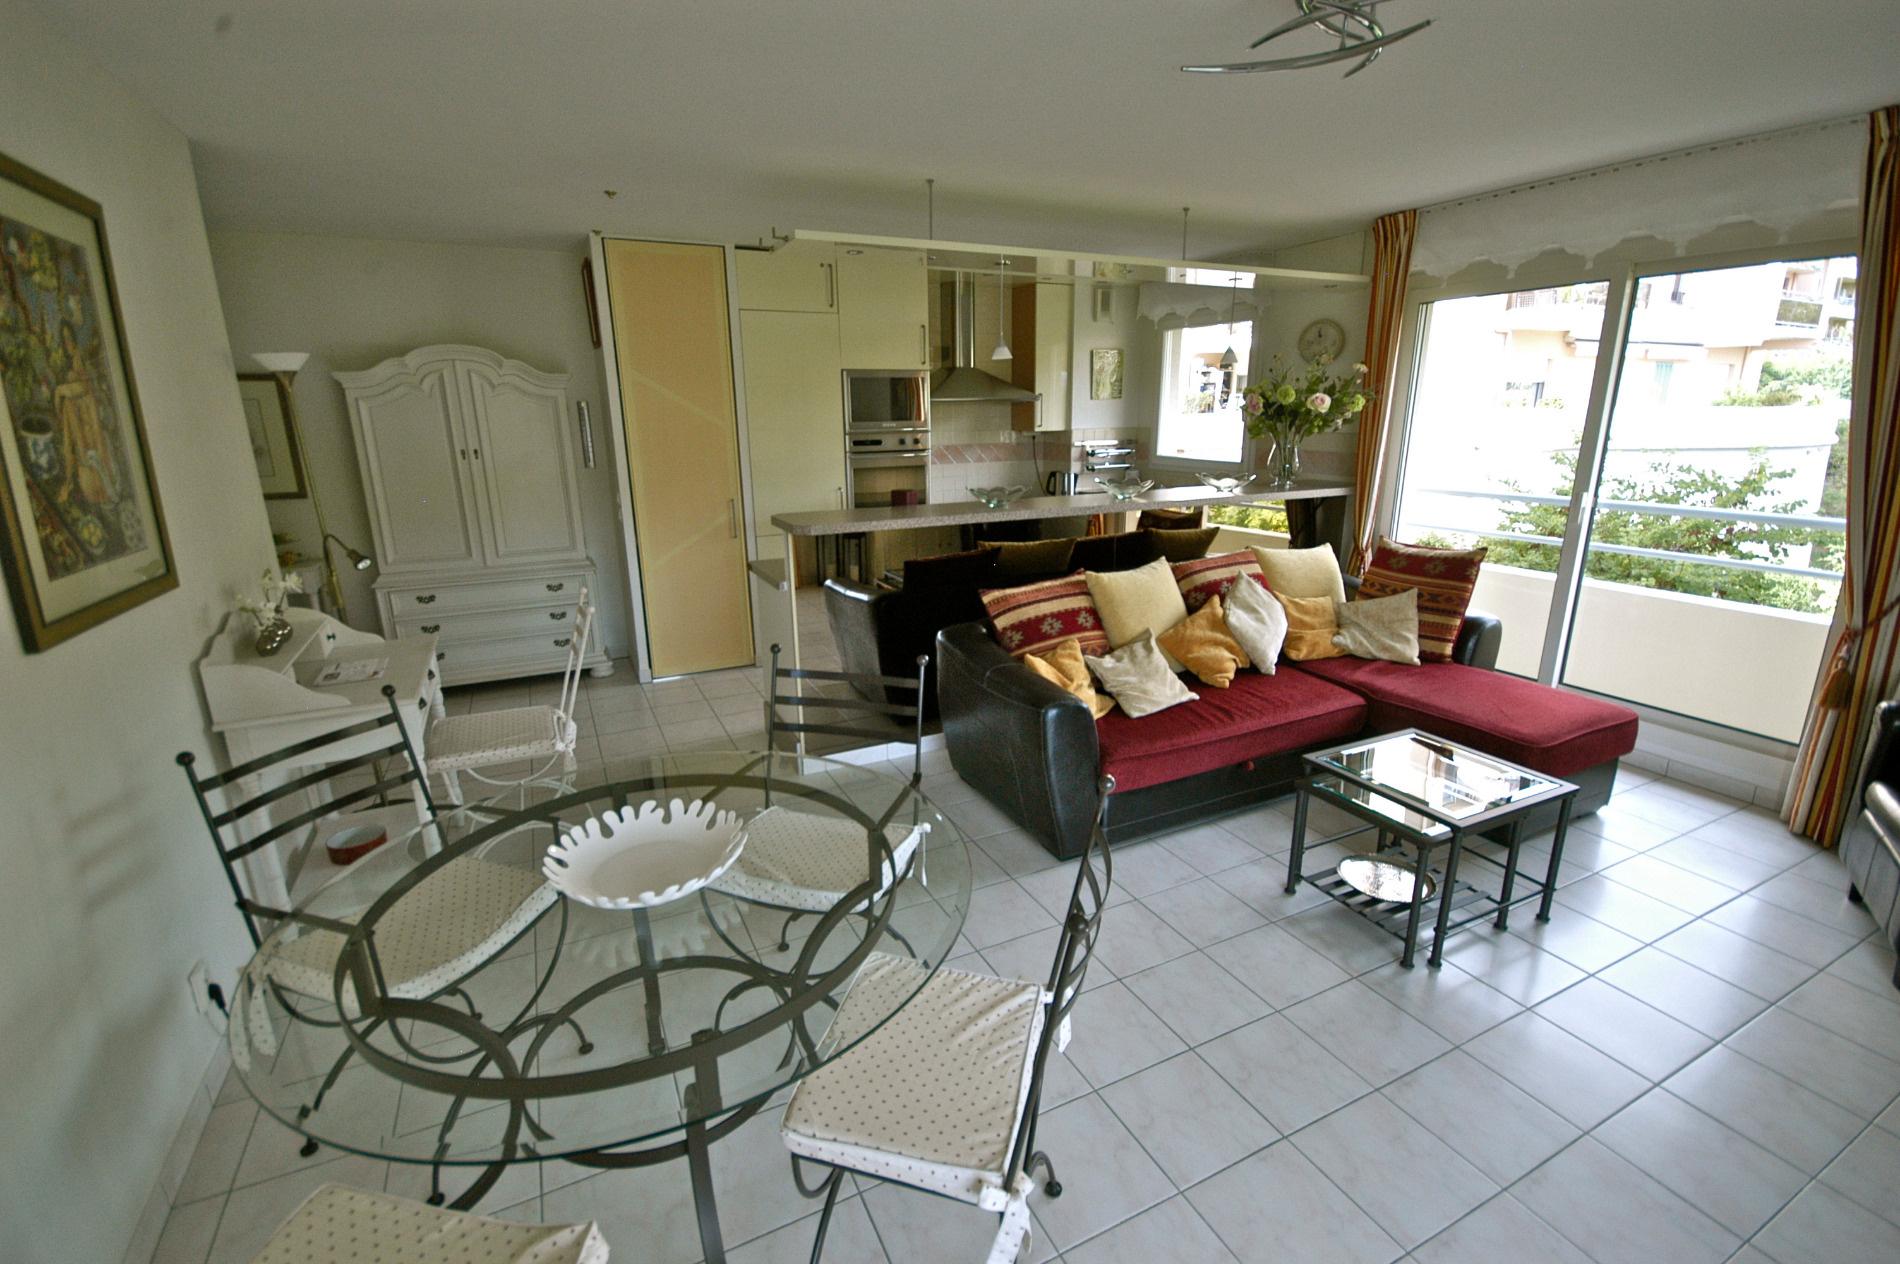 Location de vacances Appartement Vence 06140